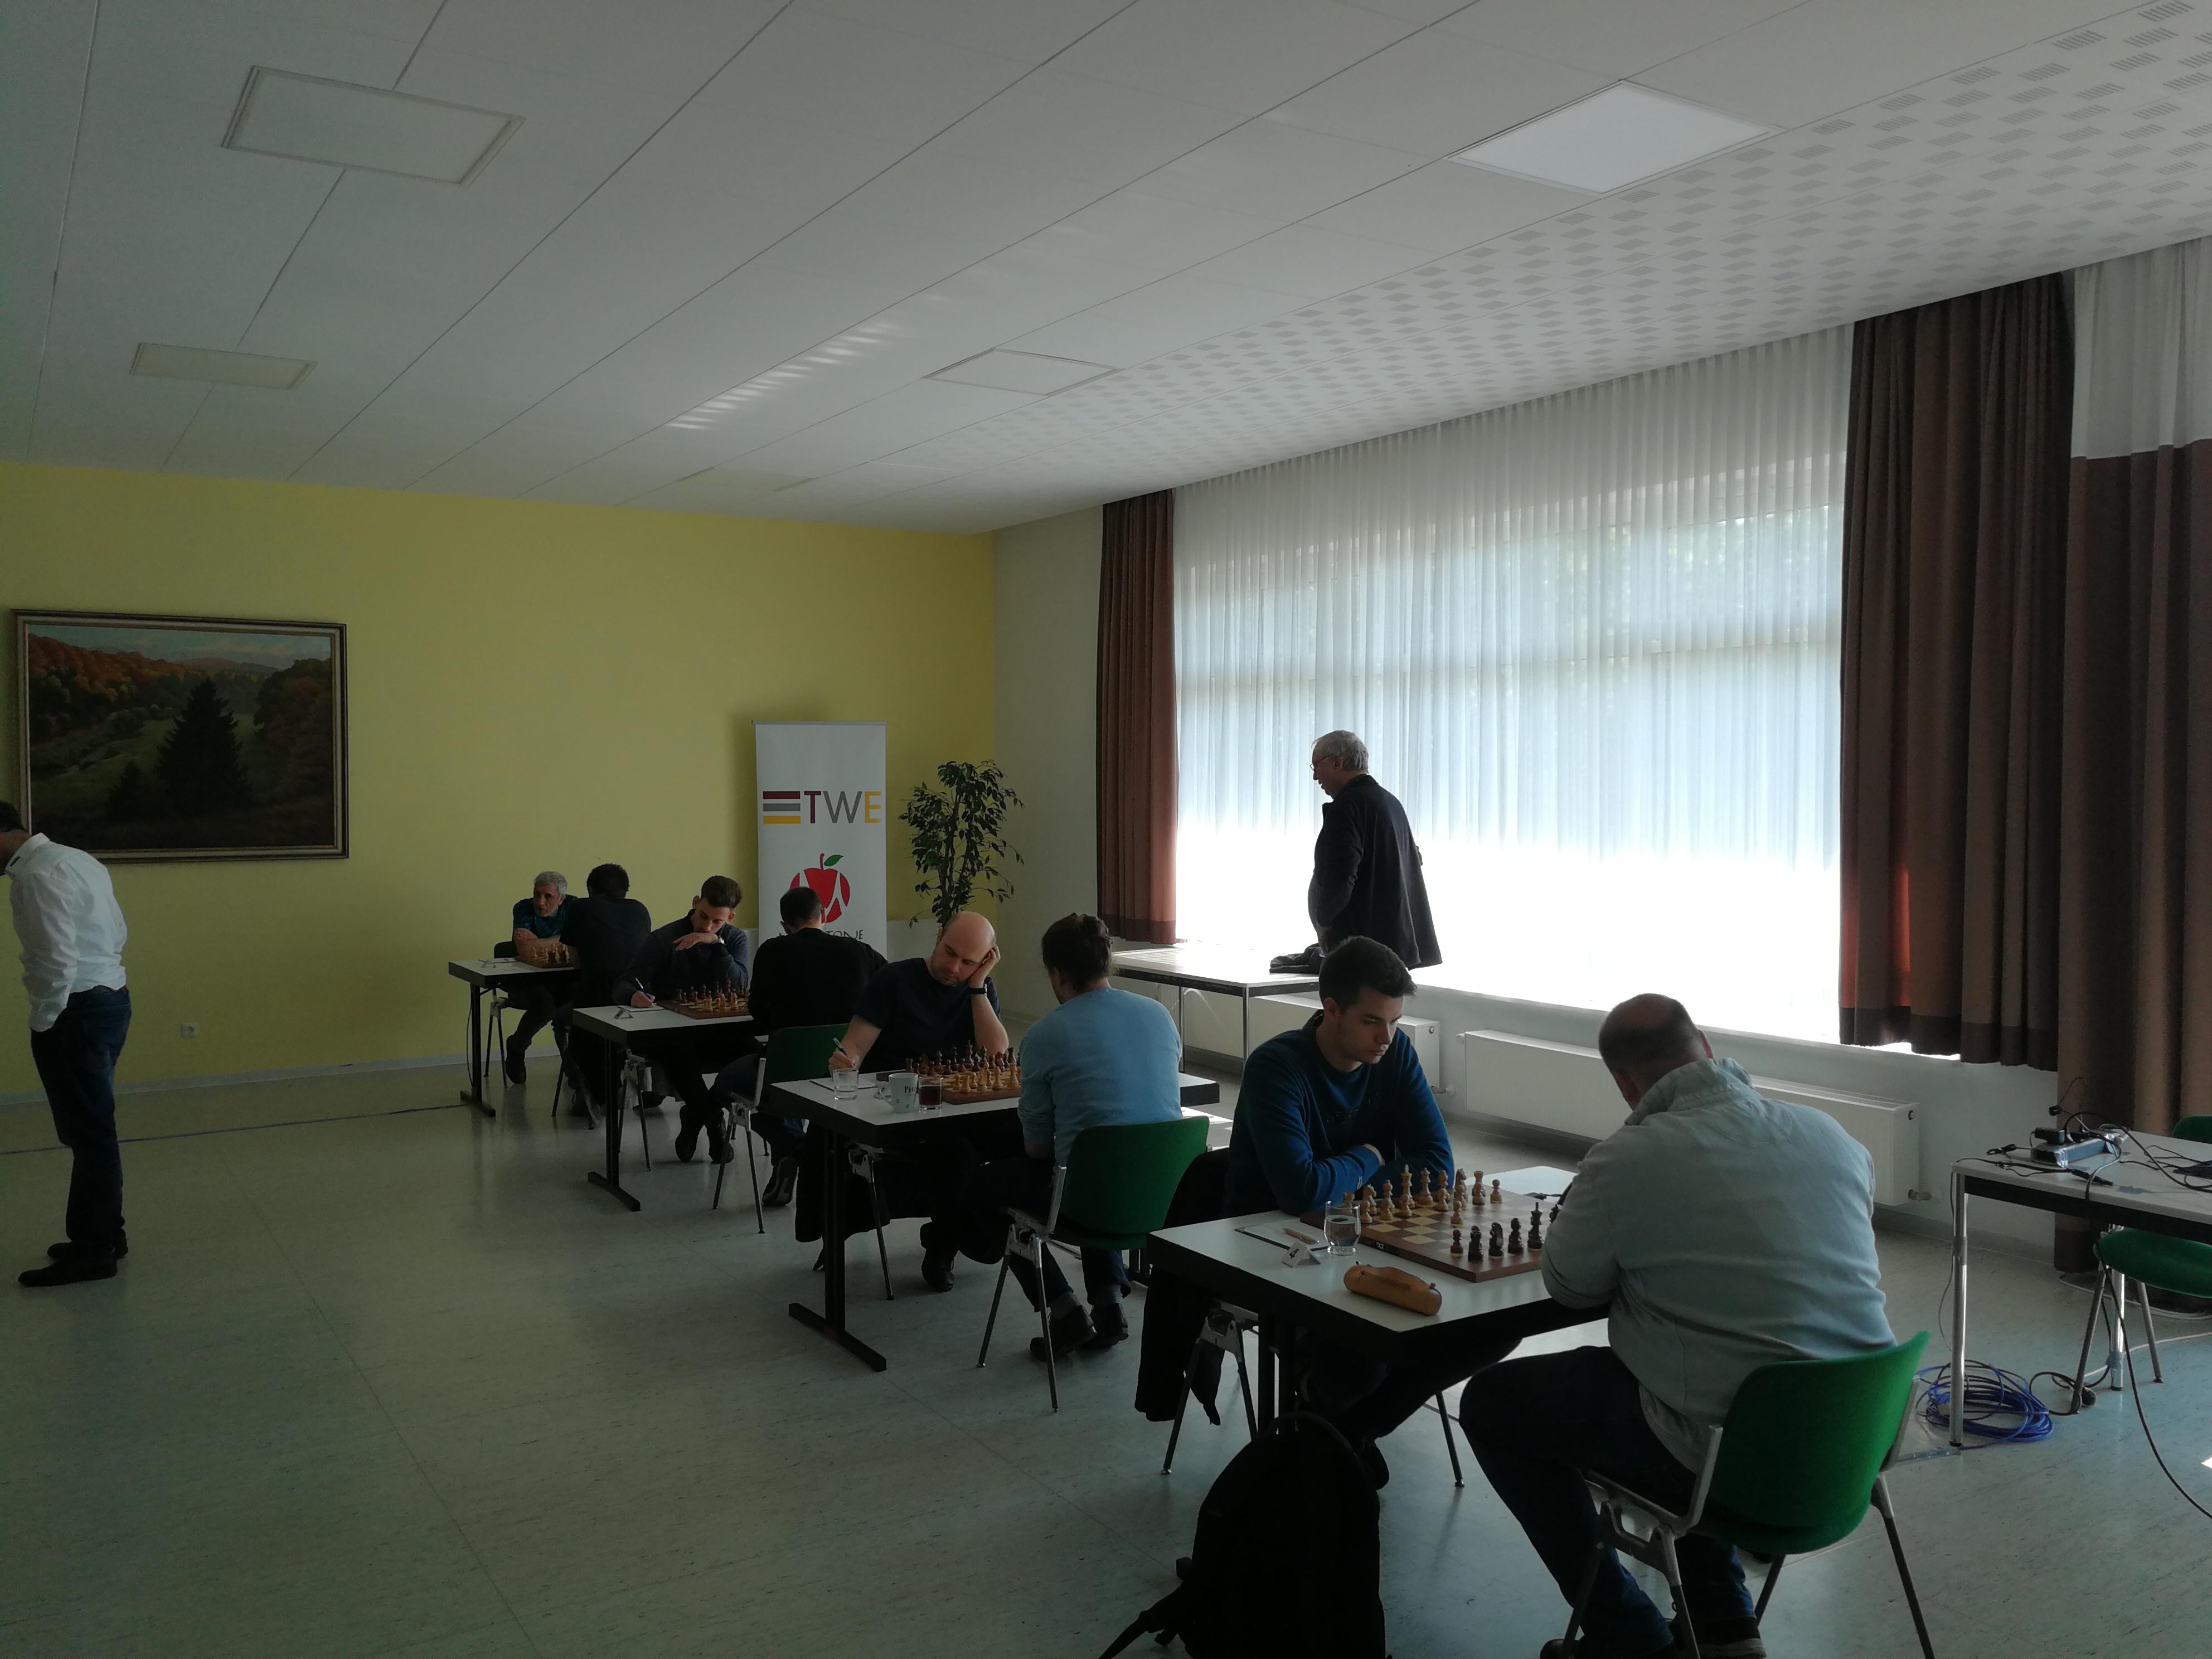 Spiel um Platz 3 im Gesamtüberblick; im Hintergrund Althesse Helmut Flöel, SK Zehlendorf